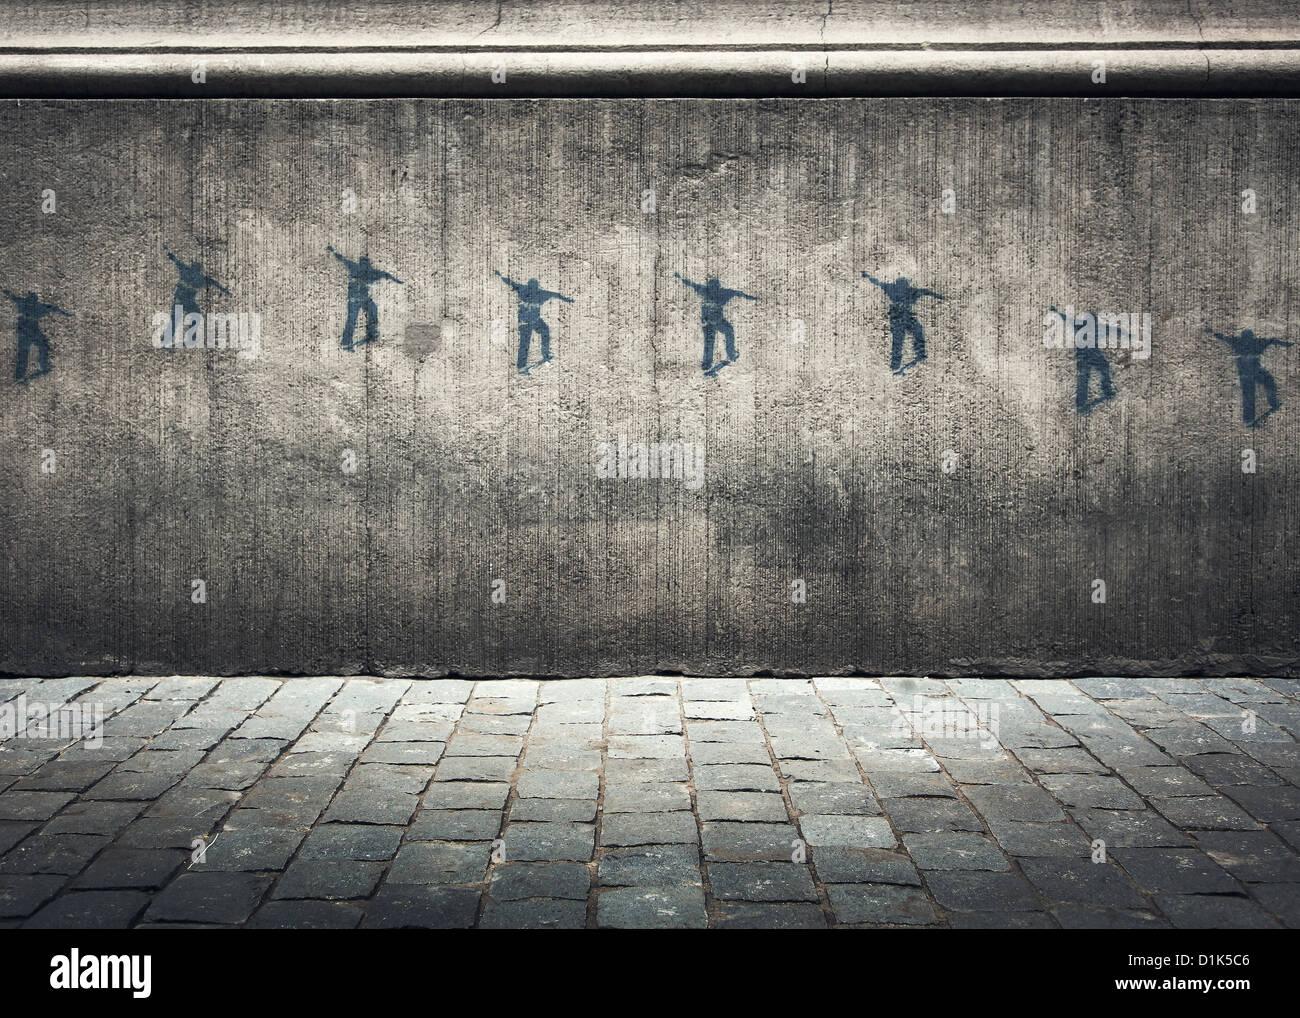 Serie di graffiti su un muro di cemento di un guidatore di skateboard in movimento attraverso l'aria. Immagini Stock